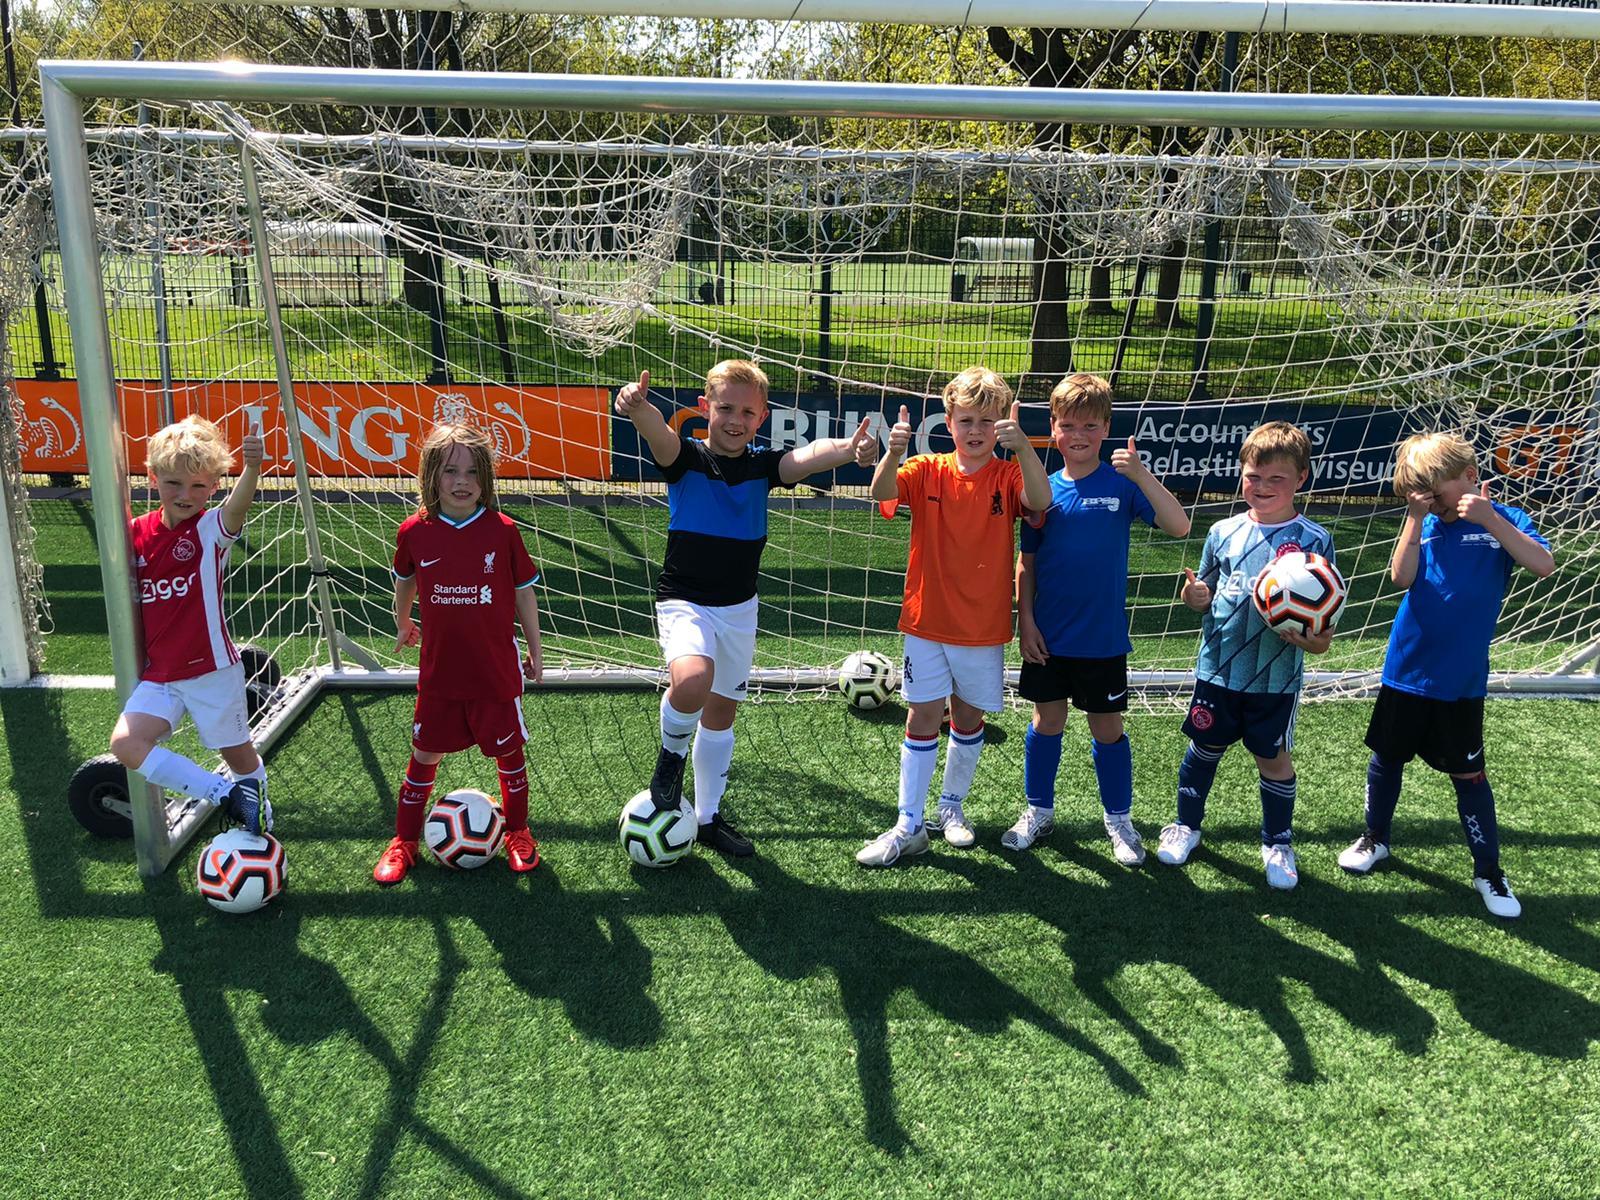 De Voetbalschool is van start!